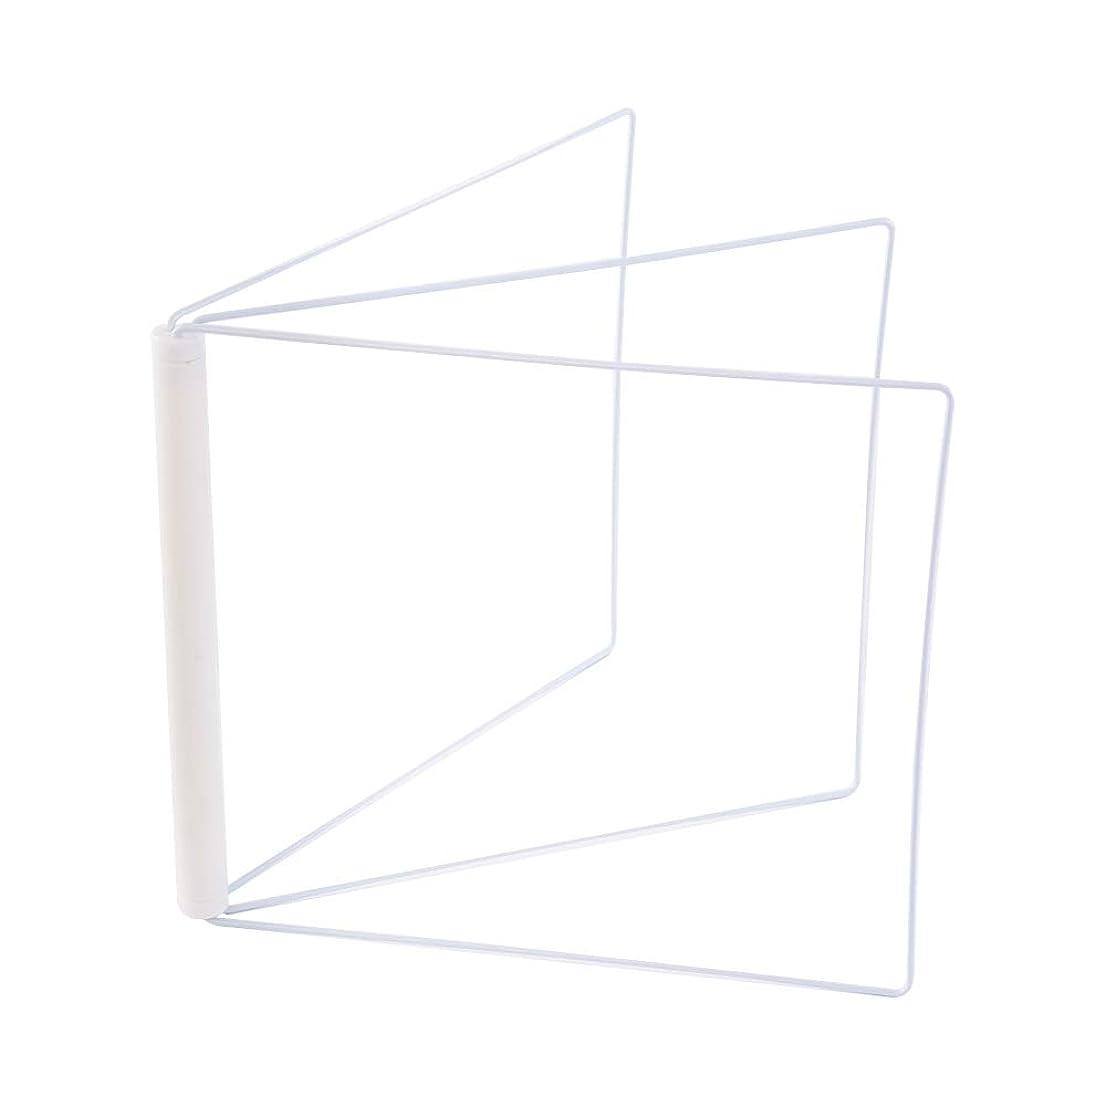 知っているに立ち寄る刻むリクルートRaitver 折り畳み布巾ハンガー キッチン タオル掛け 台所 収納 スタンド式 (ホワイト)